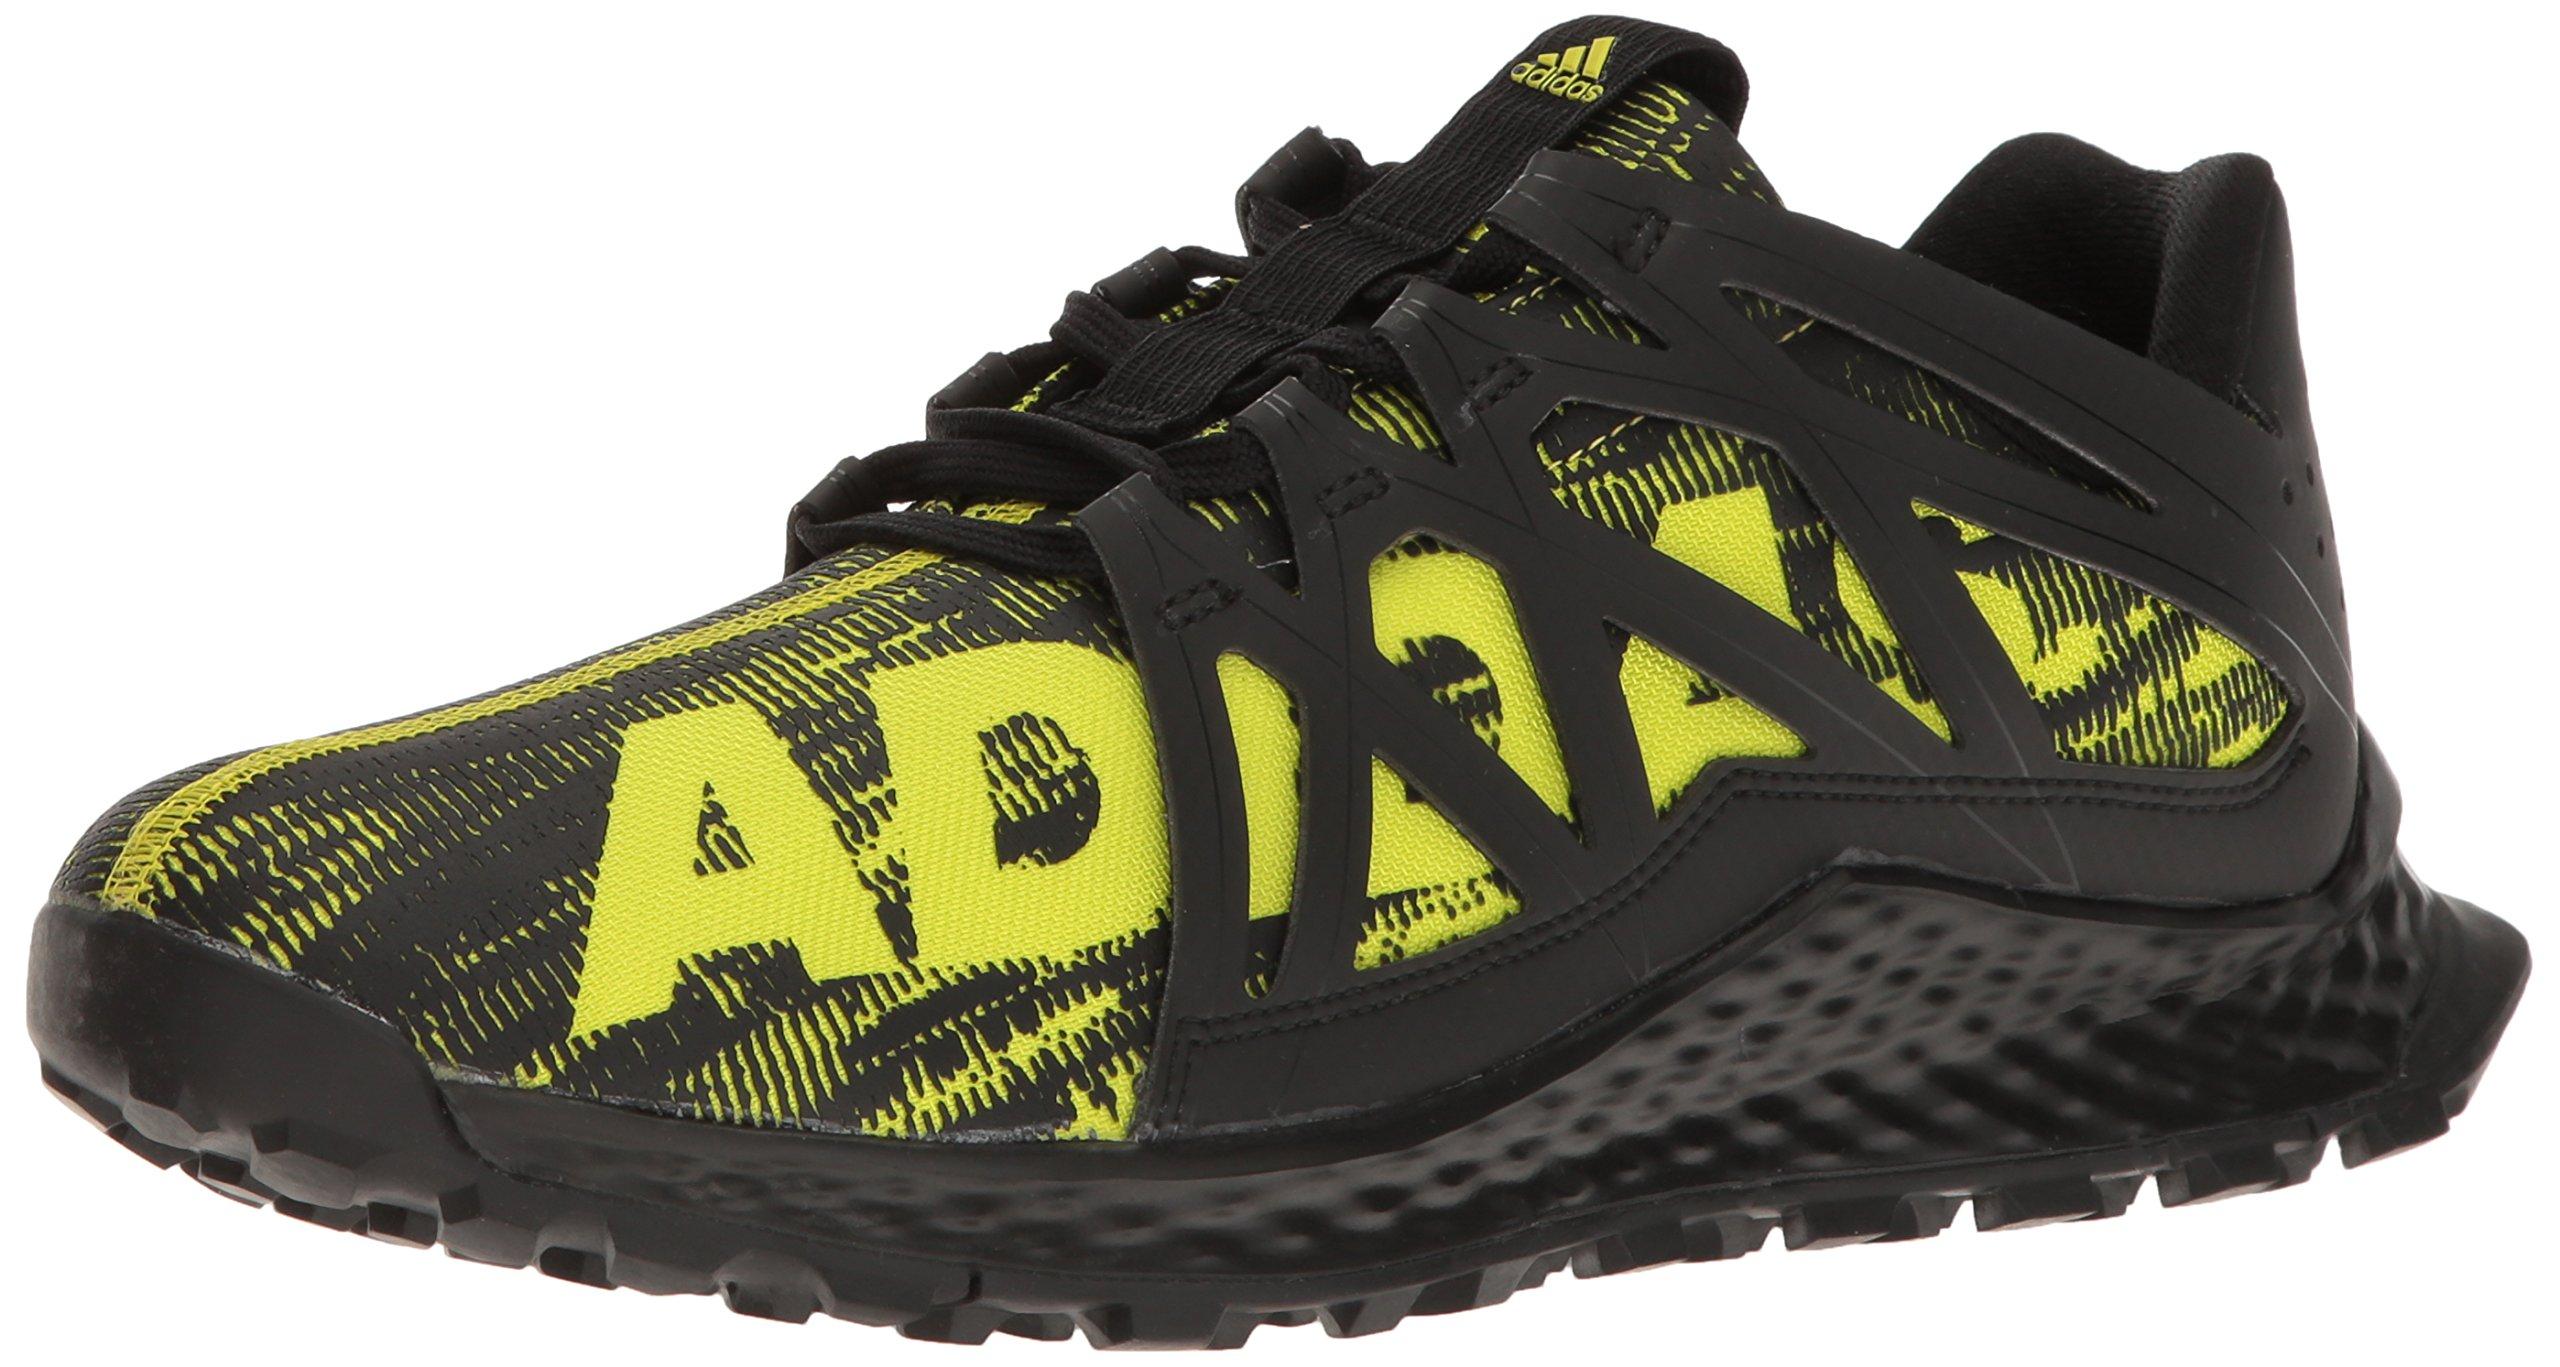 adidas Men's Vigor Bounce m Trail Runner, Black/Shock Slime/Black, 11 M US